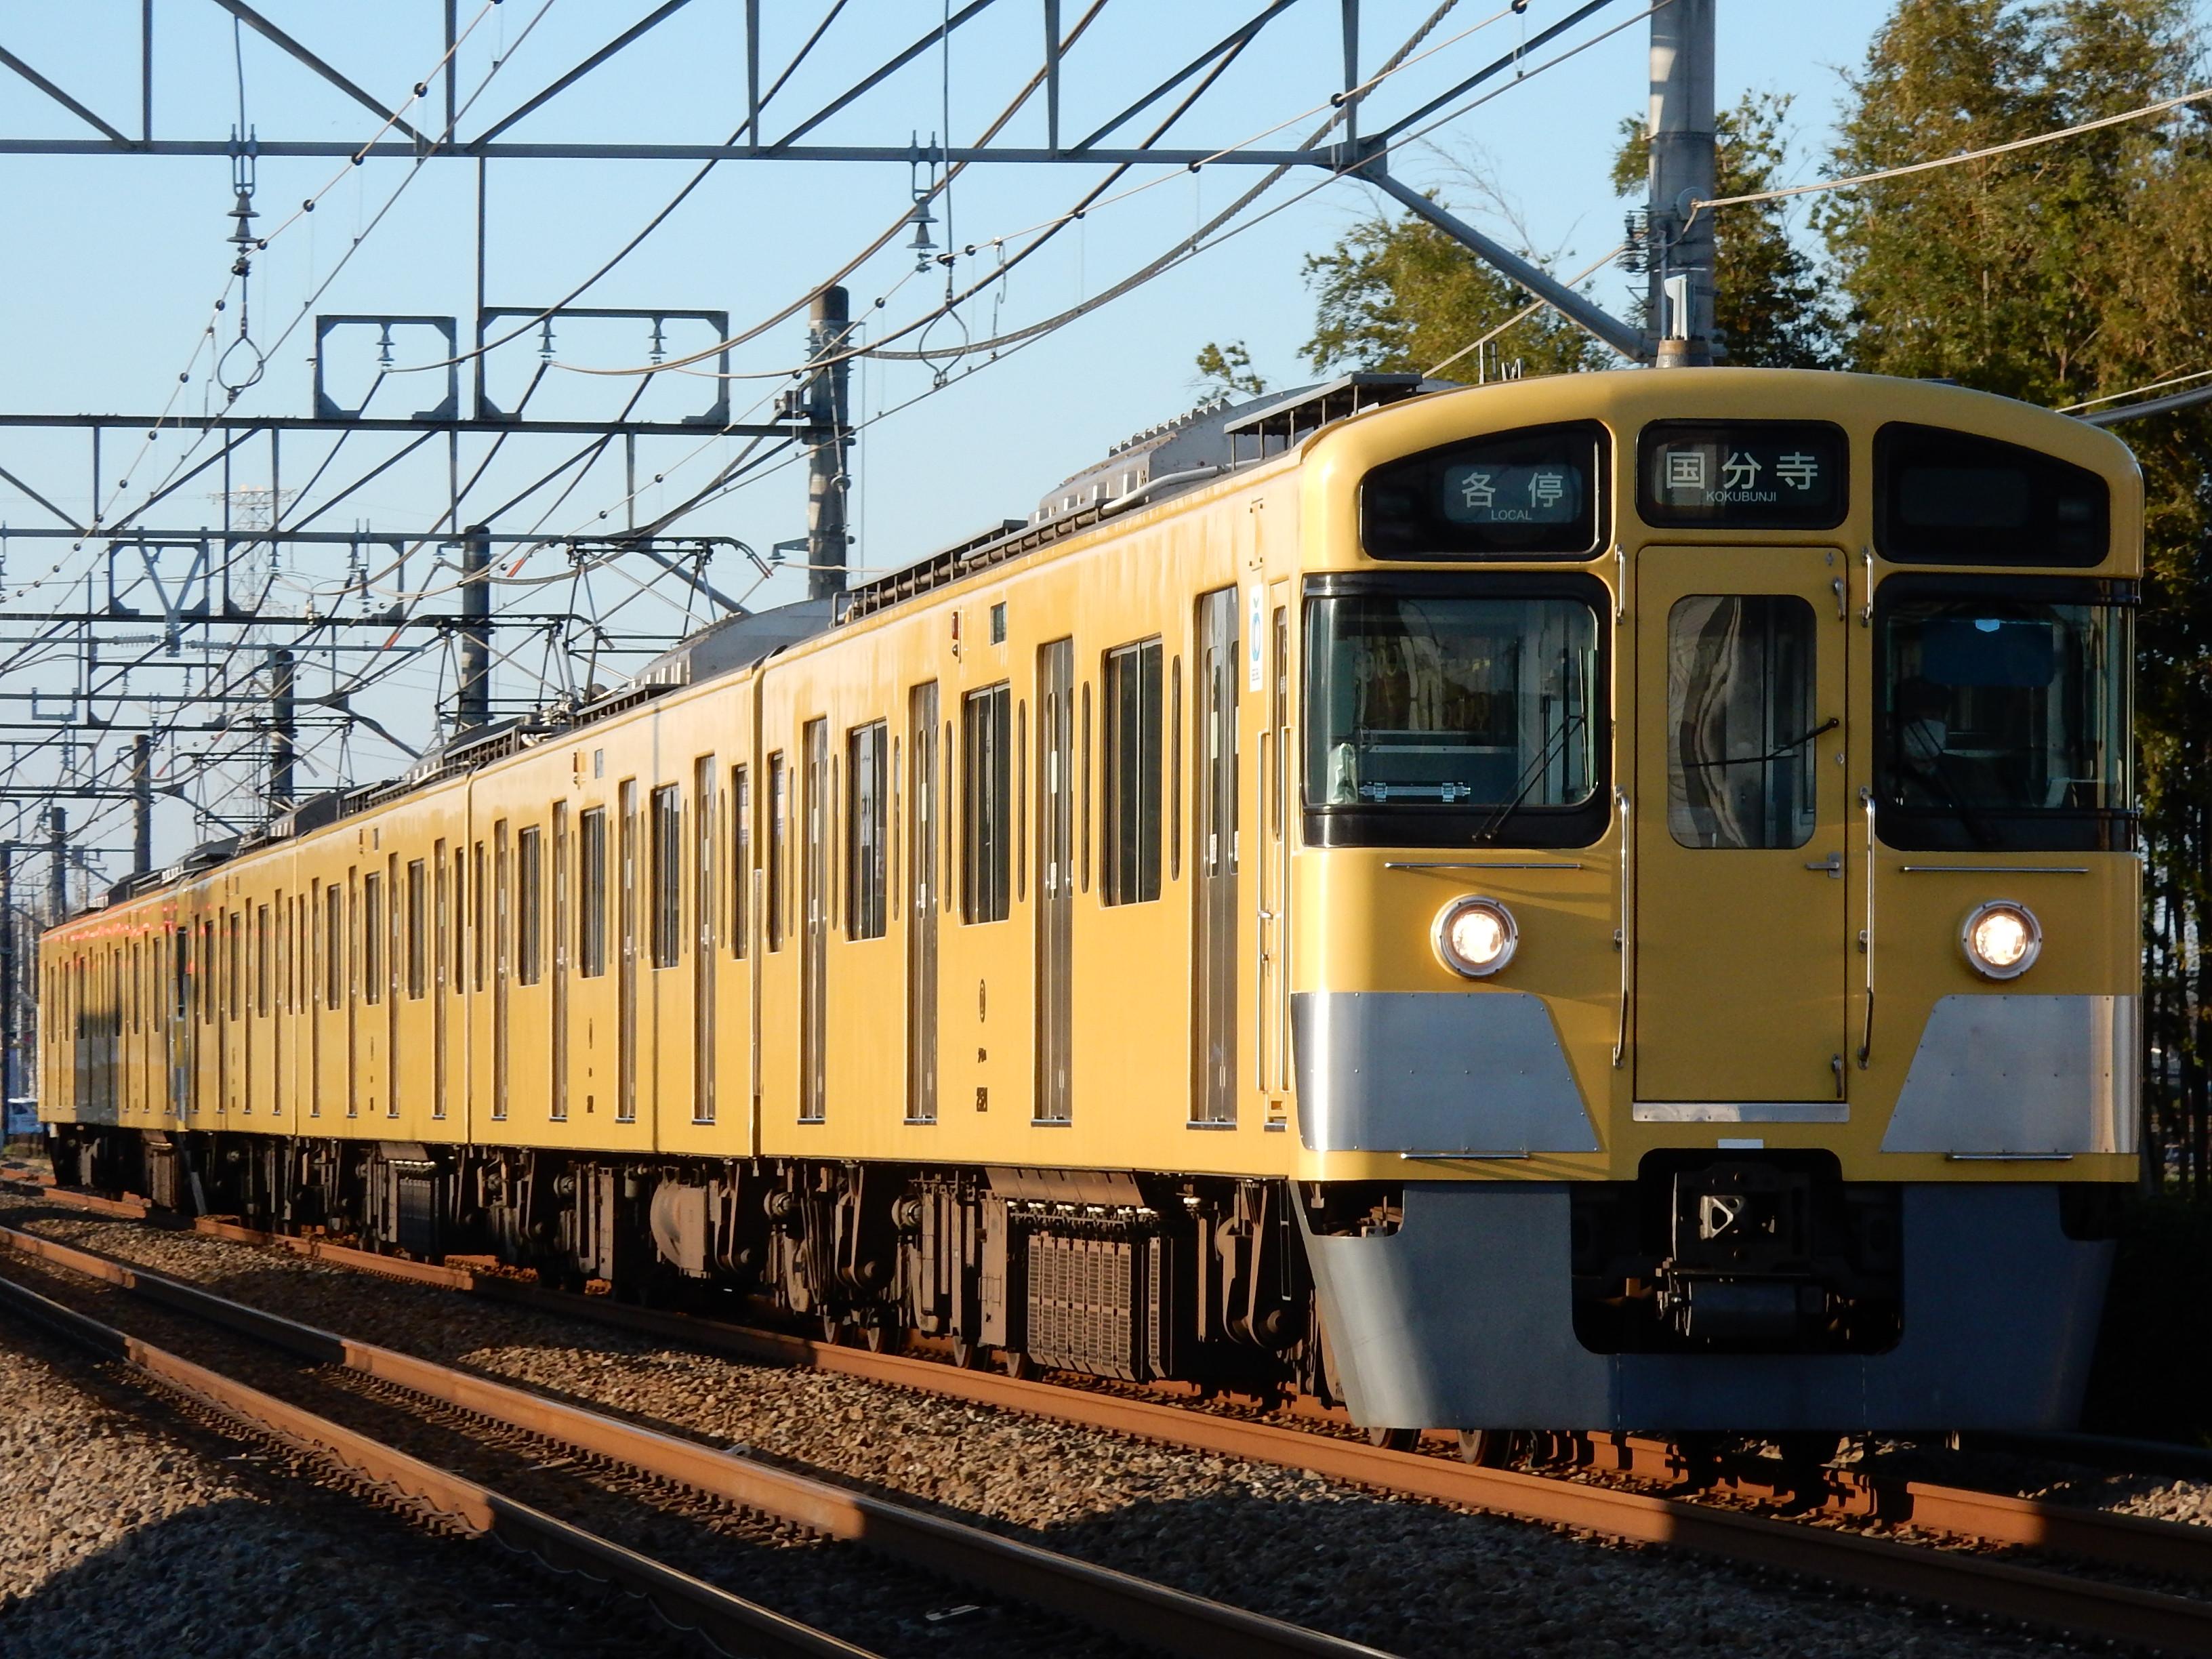 DSCN8930.jpg